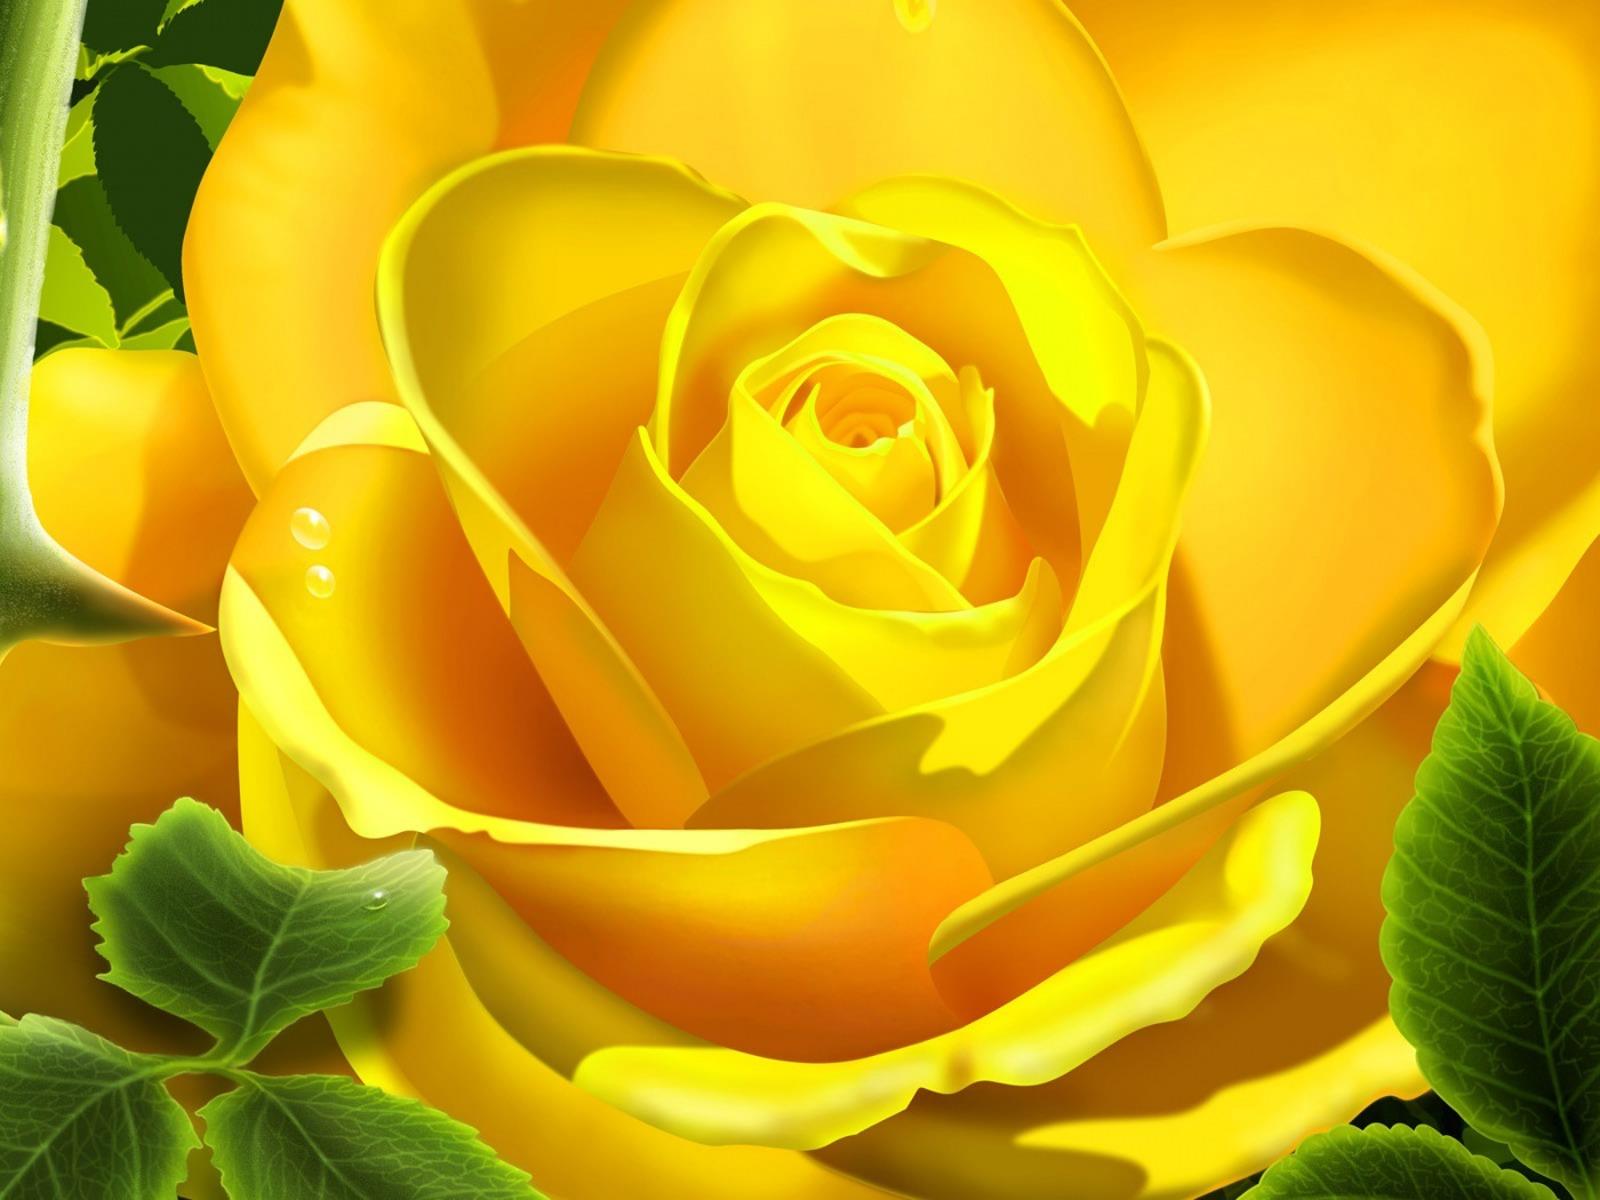 большая желтая роза, красивое фото, скачать обои для рабочего стола